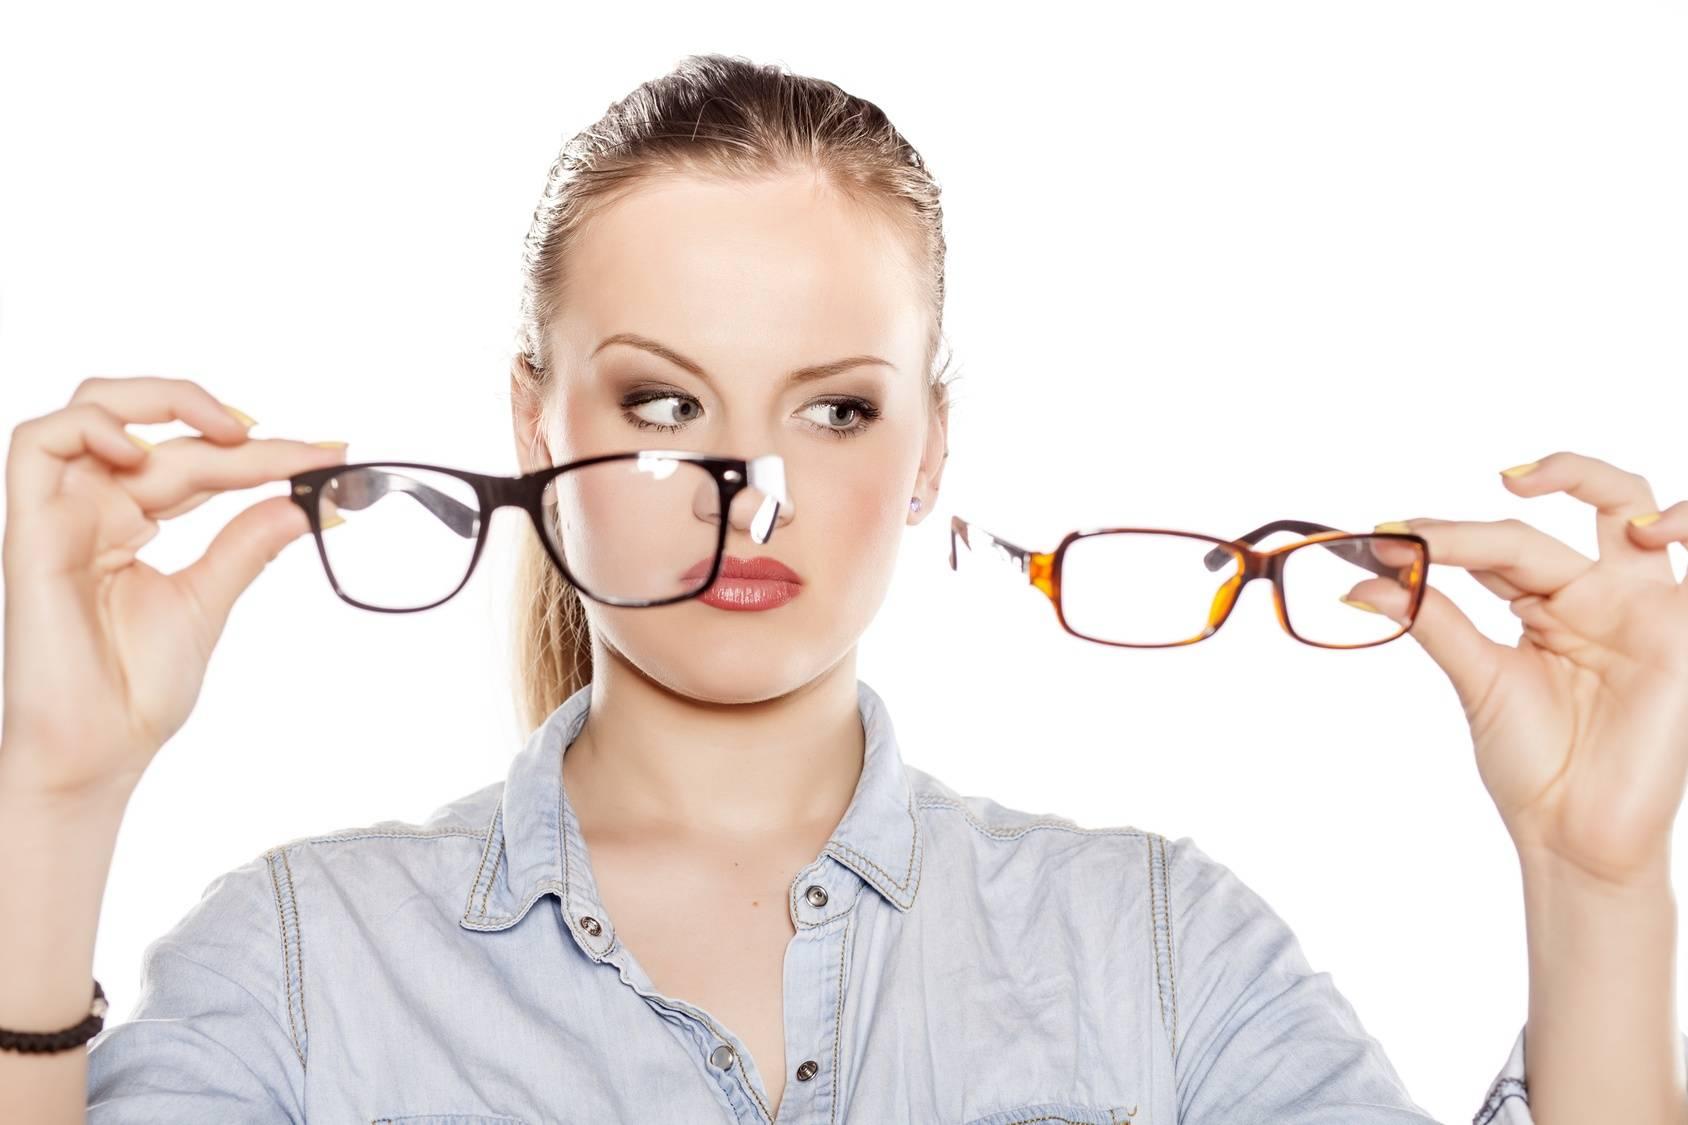 Можно ли вернуть очки в магазин оптики?